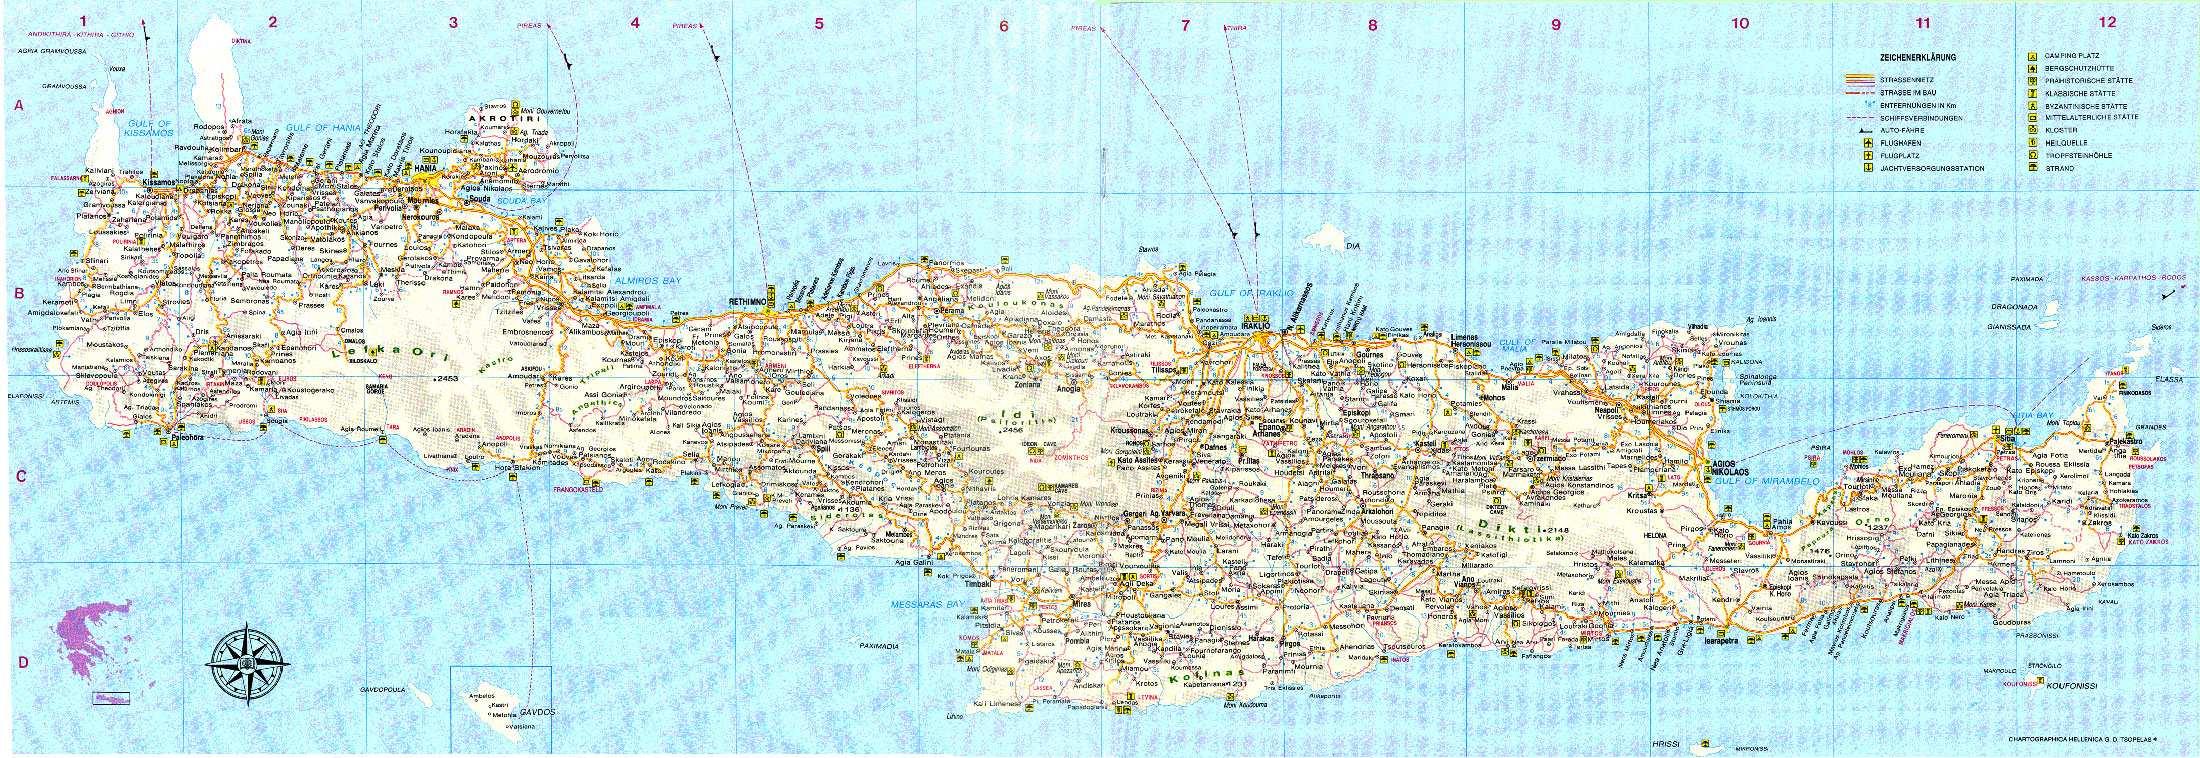 Cartes de Crete | Cartes typographiques détaillées de Crete (Grèce